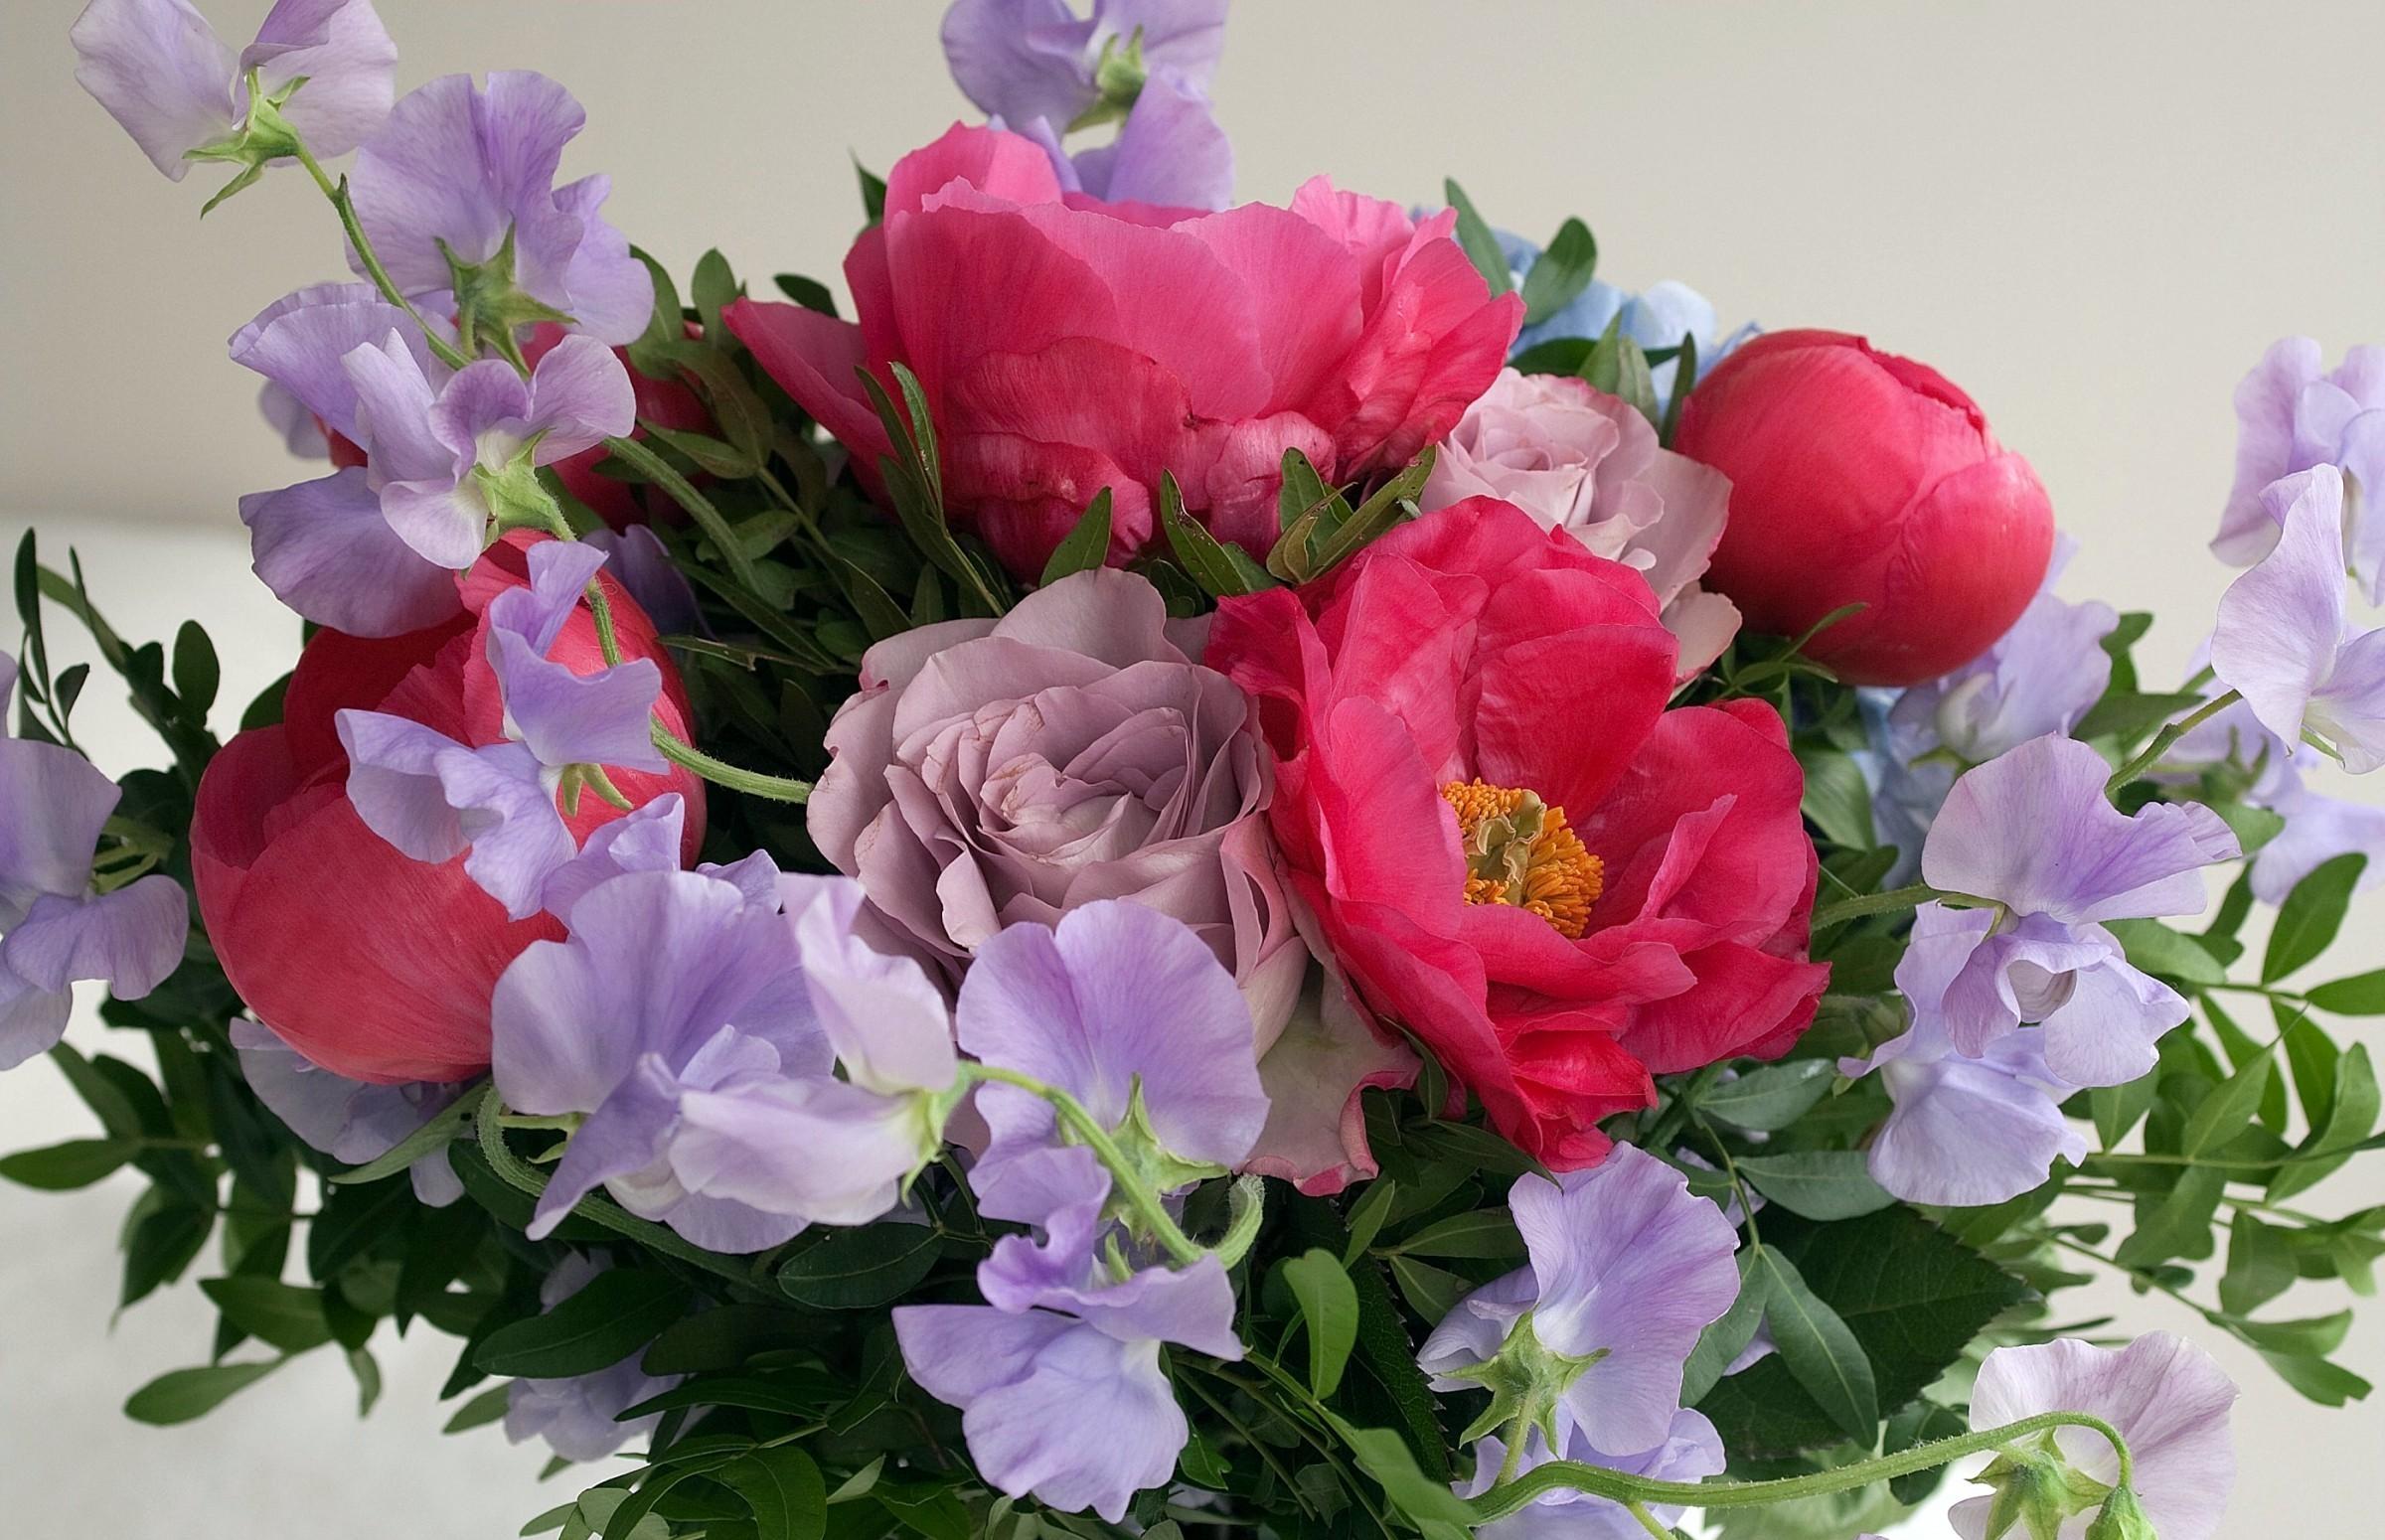 Fond D Ecran Rose Fleur Tendresse Des Roses Petale Pivoine